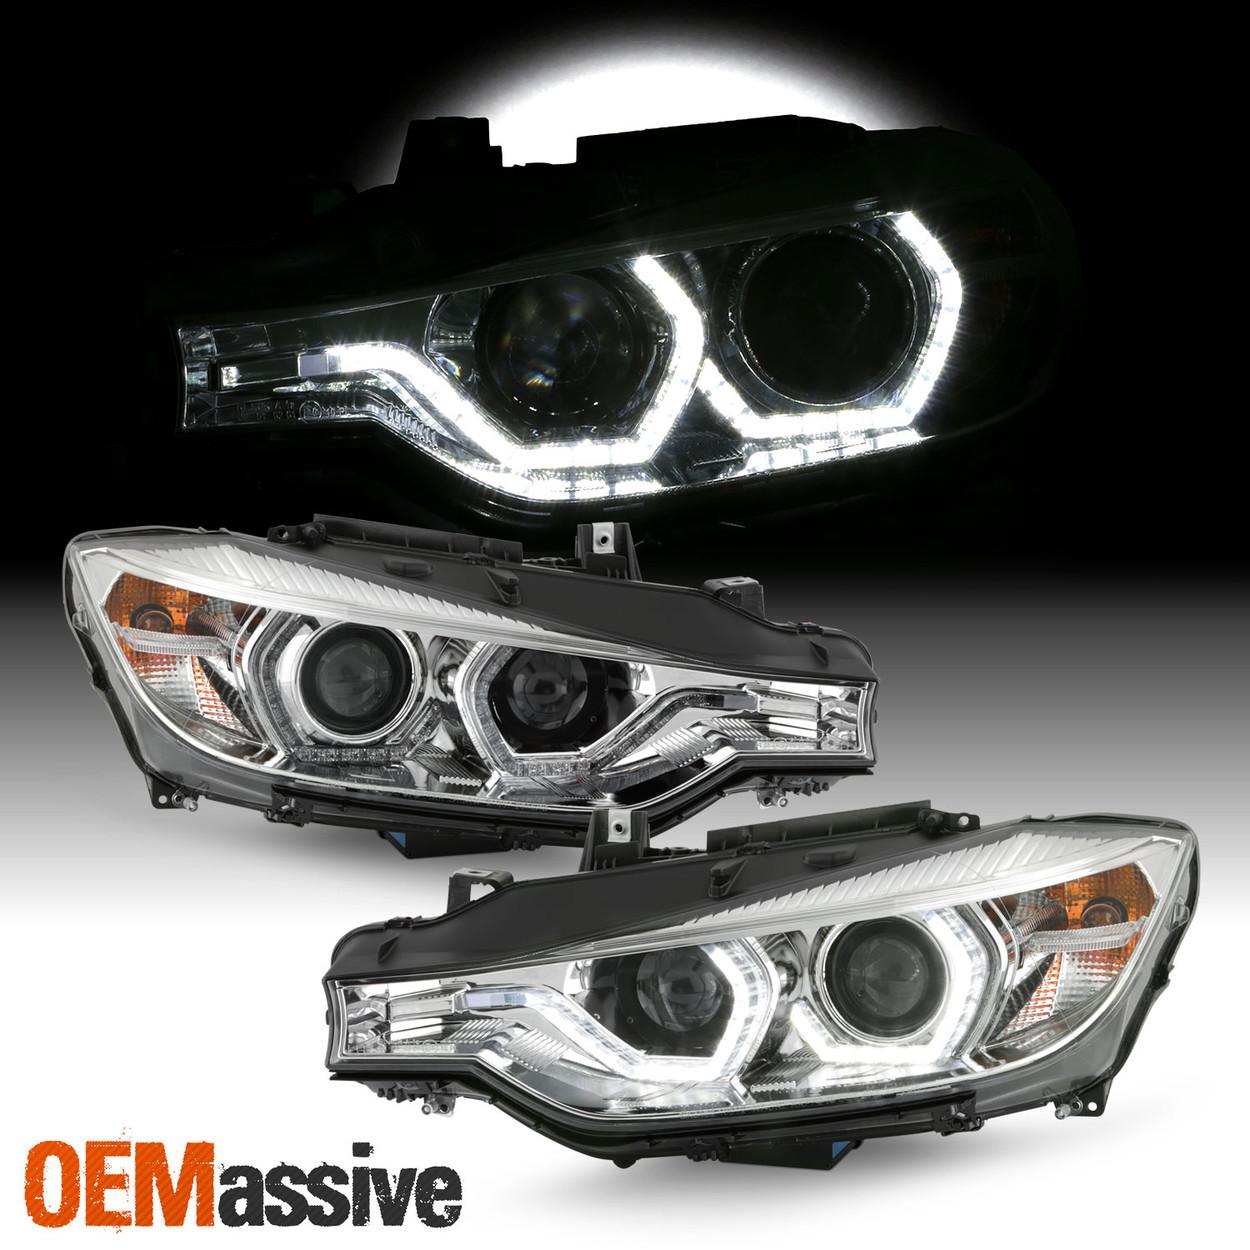 For 12 15 Bmw 320i 325i 328d 328i 335i Hid W Afs Led Projector Chrome Headlights Oemassive